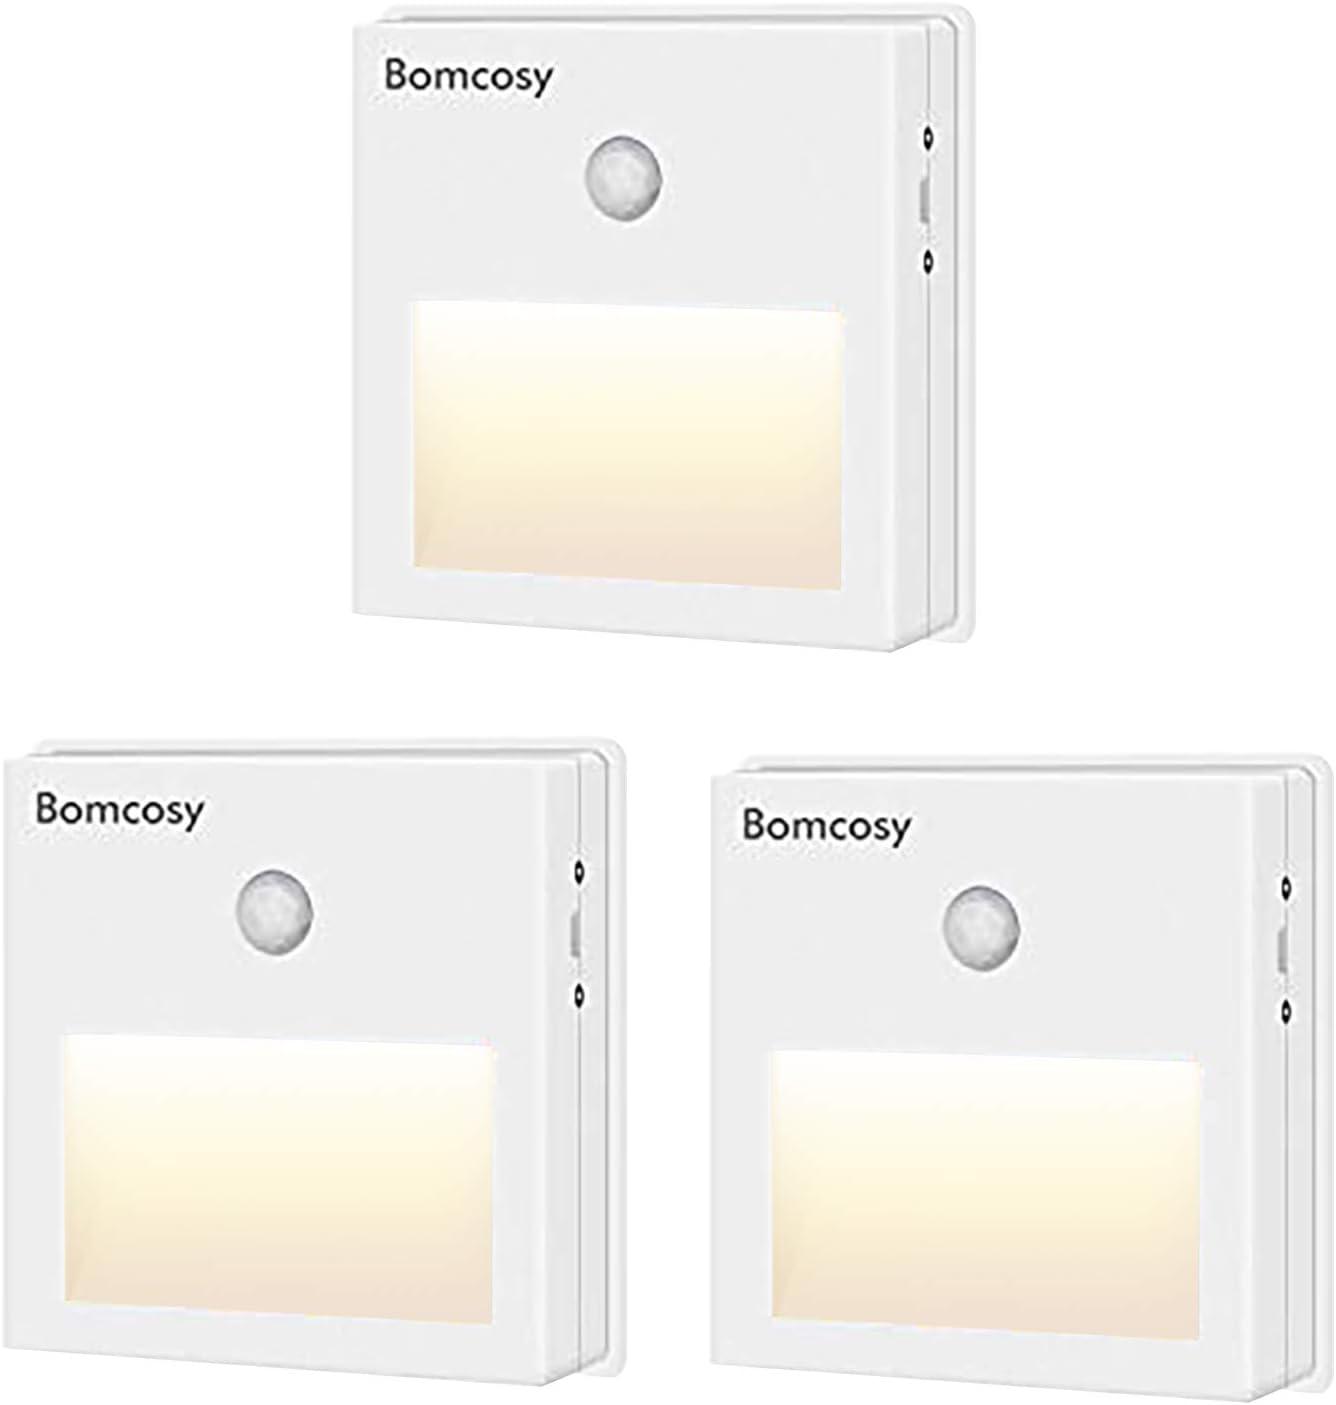 Bomcosy Luz Nocturna LED con Sensor Movimiento sin Cable Encendido/Apagado/Auto Lámpara de Noche USB Recargable Blanco Cálido 3000k para Dormitorio Habitación Garaje Baño Cocina Pasillo 3 Piezas